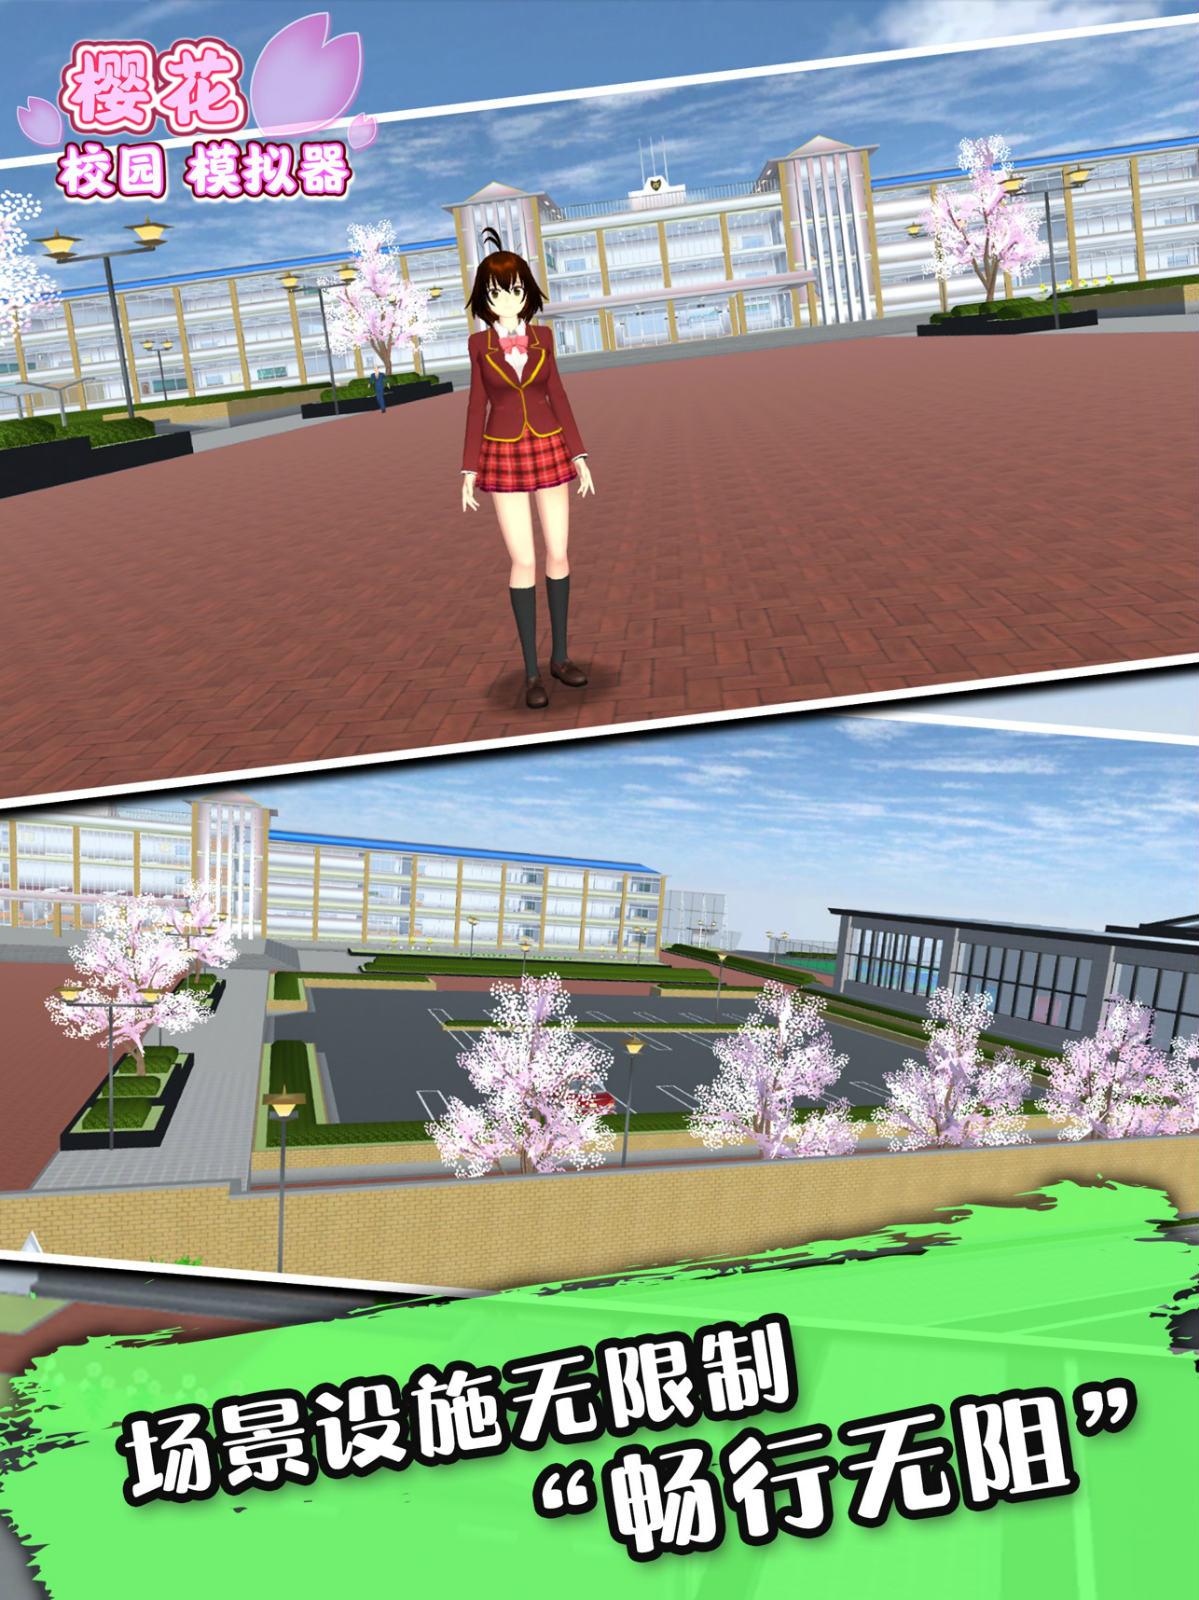 樱花校园模拟器更新了四套衣服